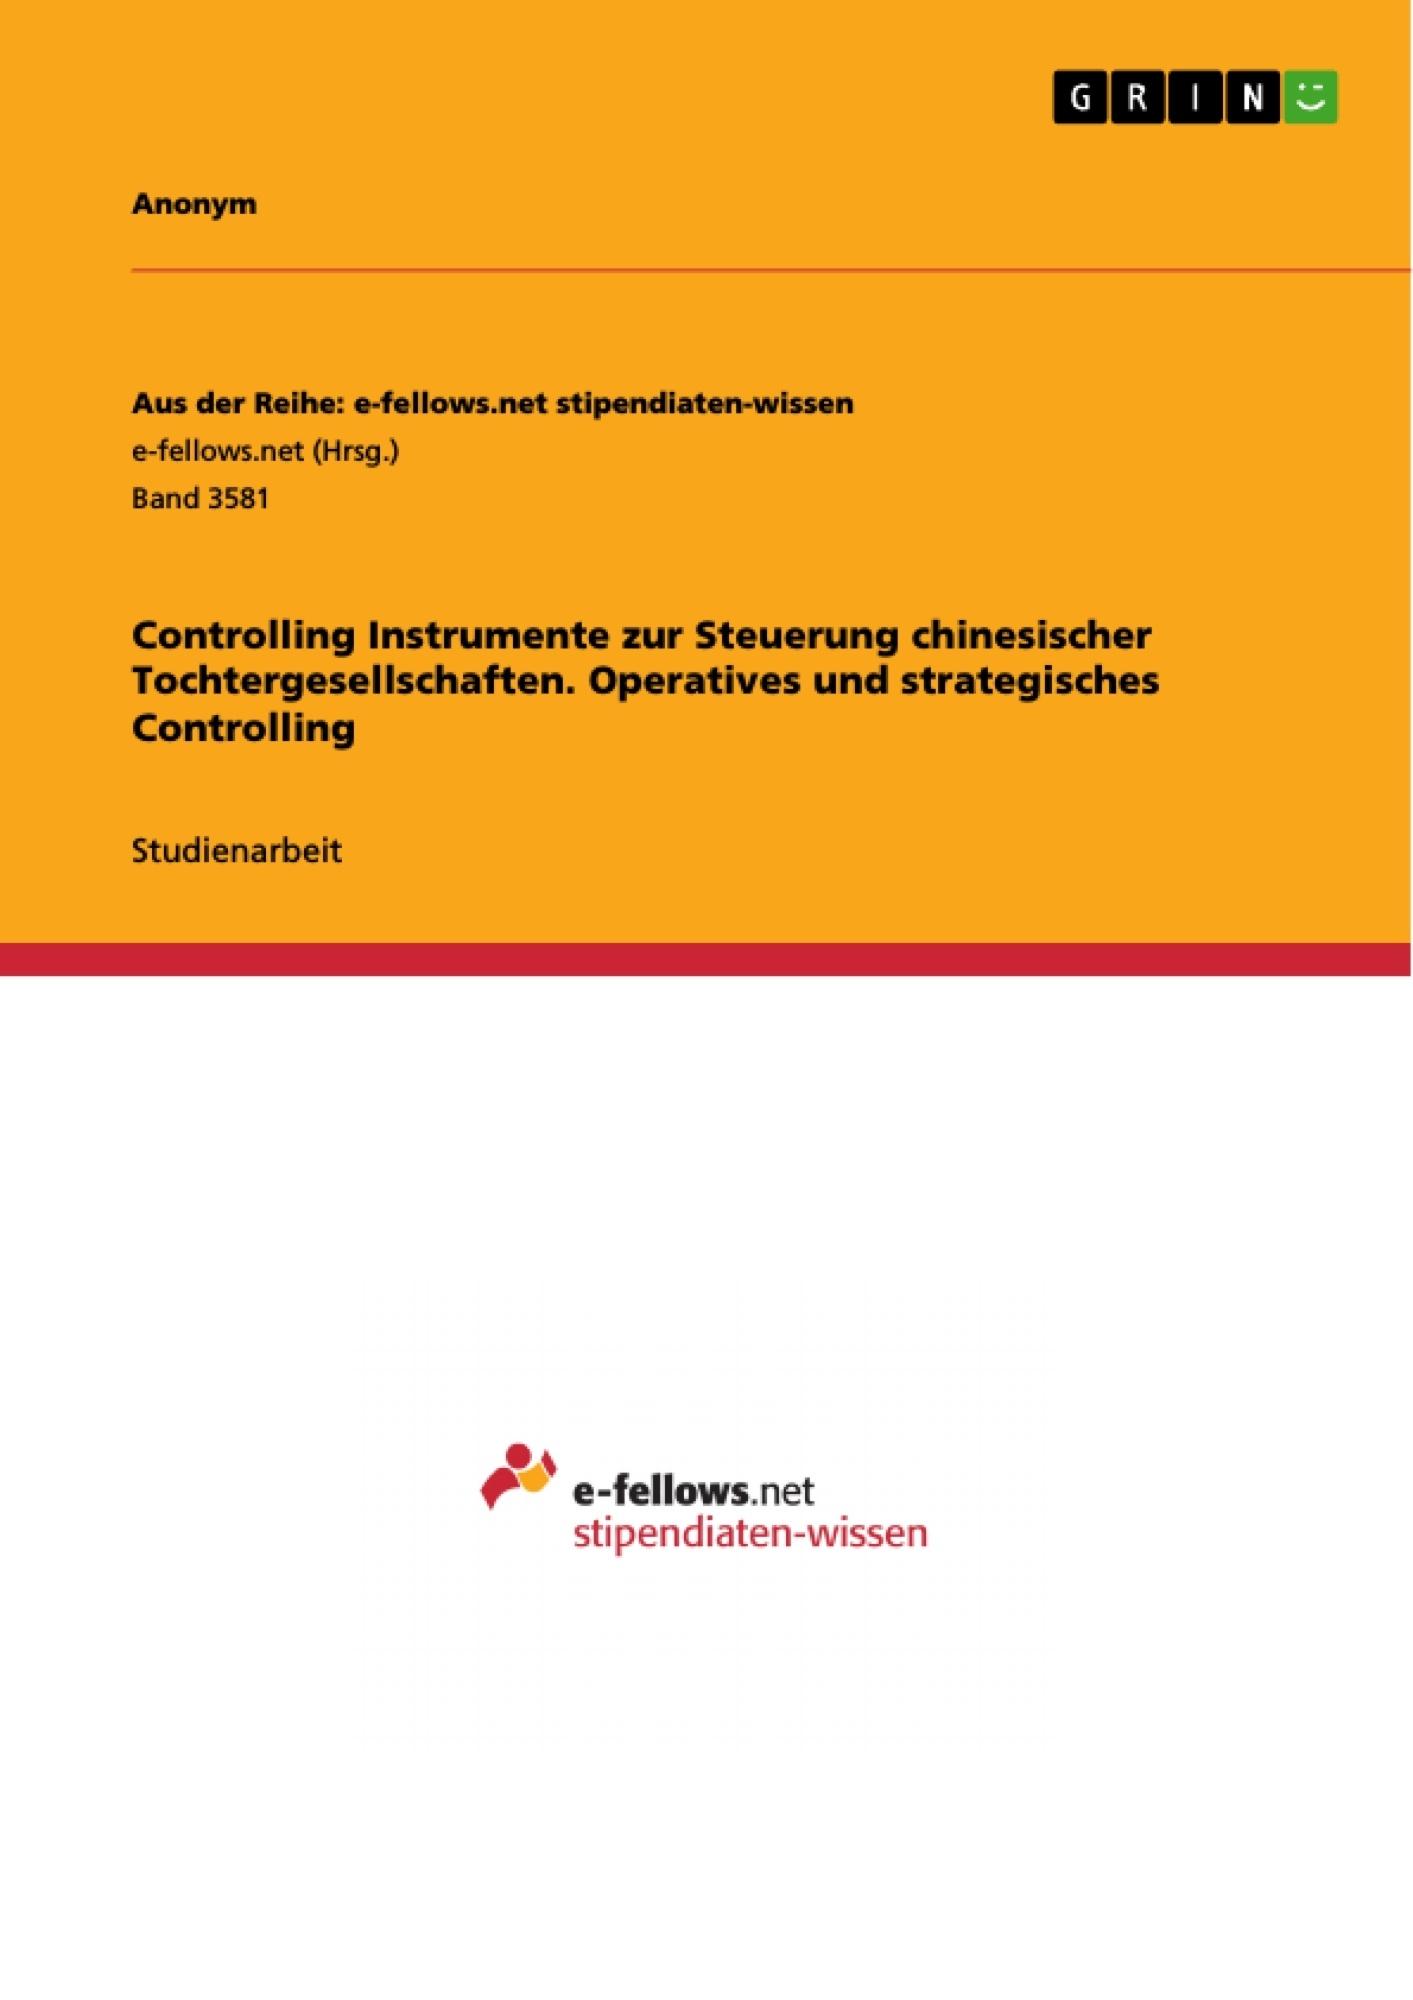 Titel: Controlling Instrumente zur Steuerung chinesischer Tochtergesellschaften. Operatives und strategisches Controlling